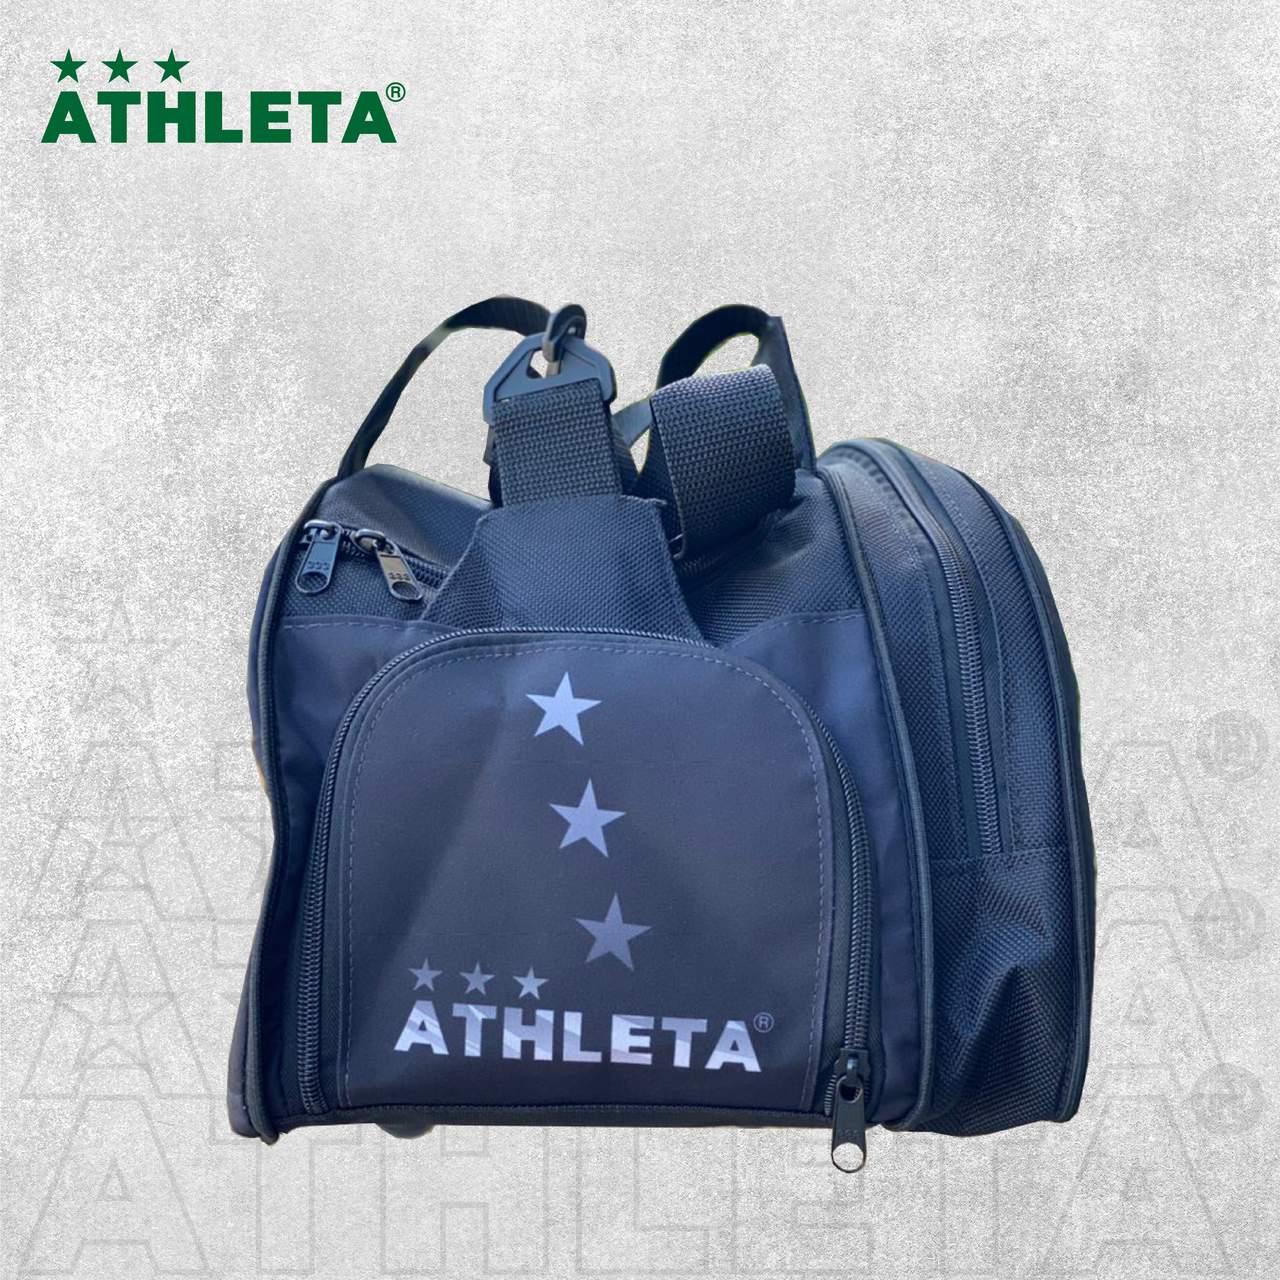 Bolsa Athleta 2021 - Preto com Cinza